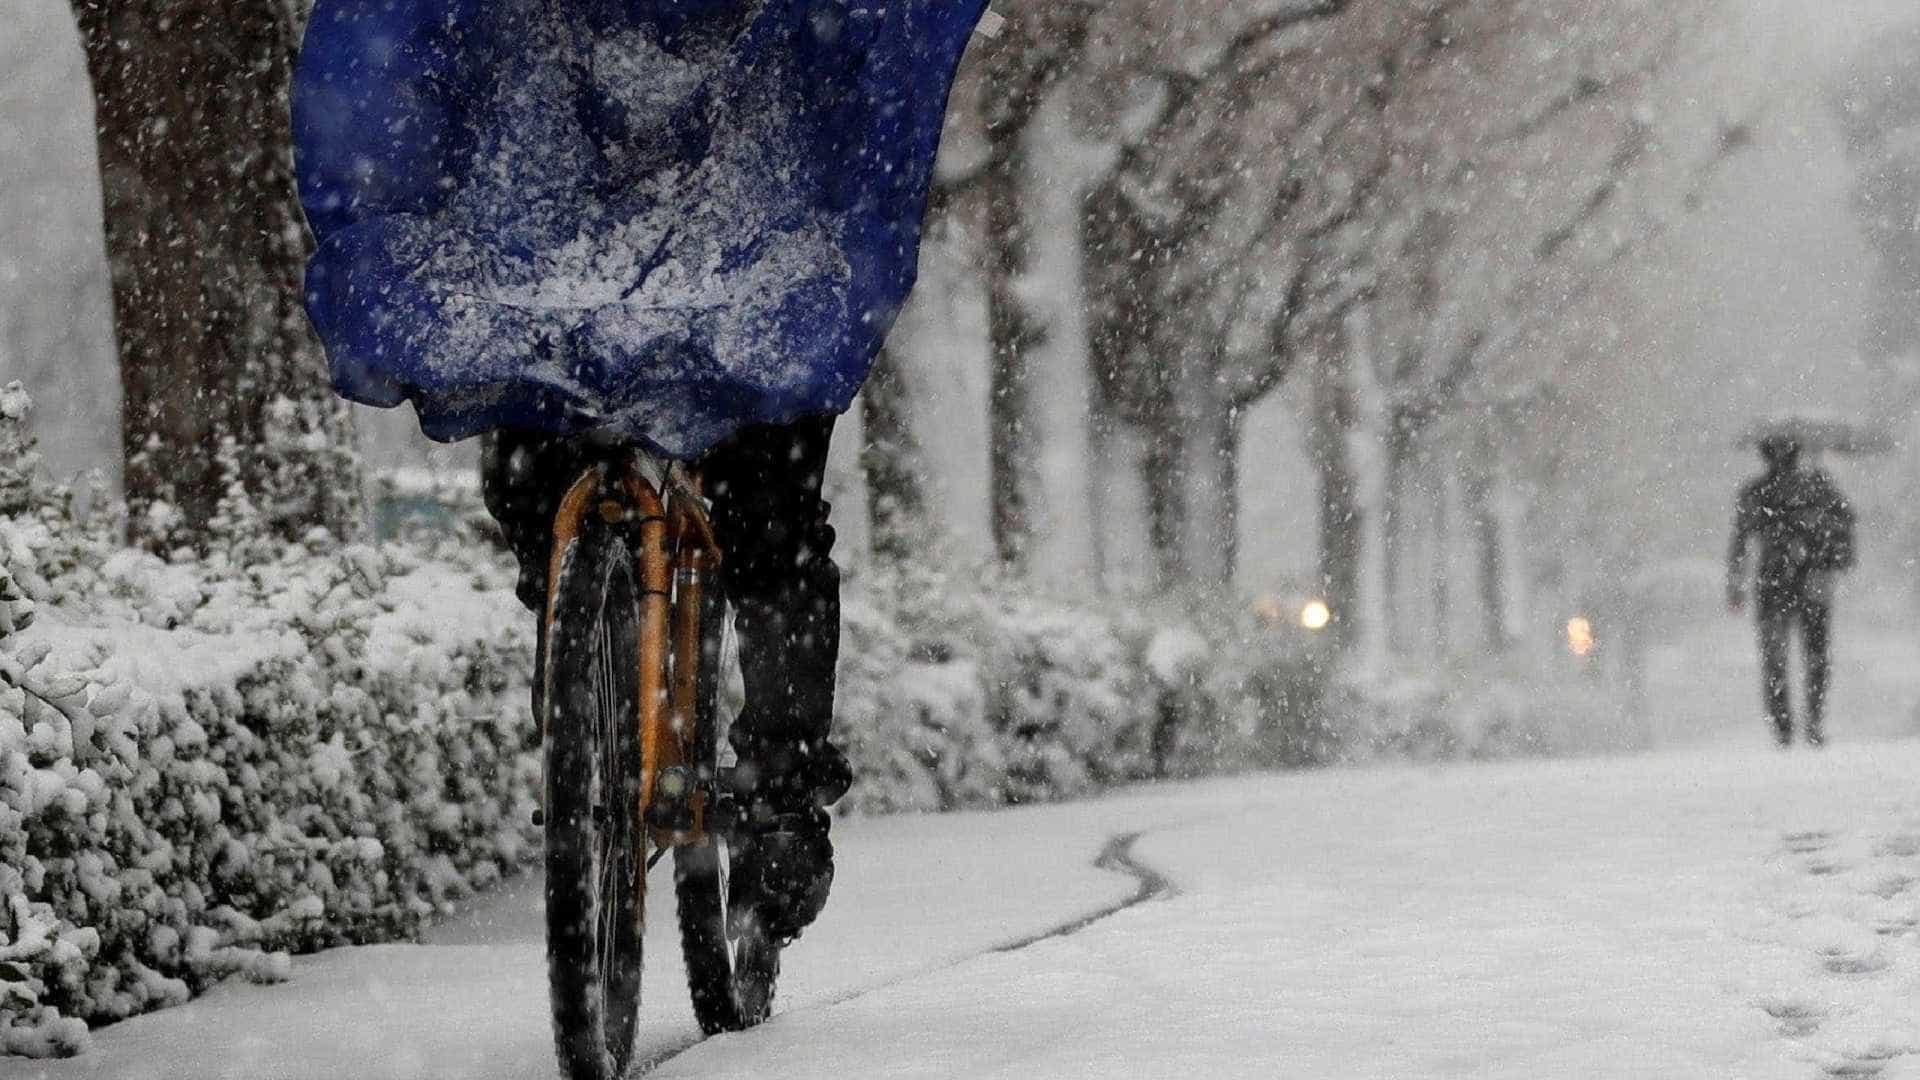 Avalanche mata esquiador e deixa 11 feridos no Japão